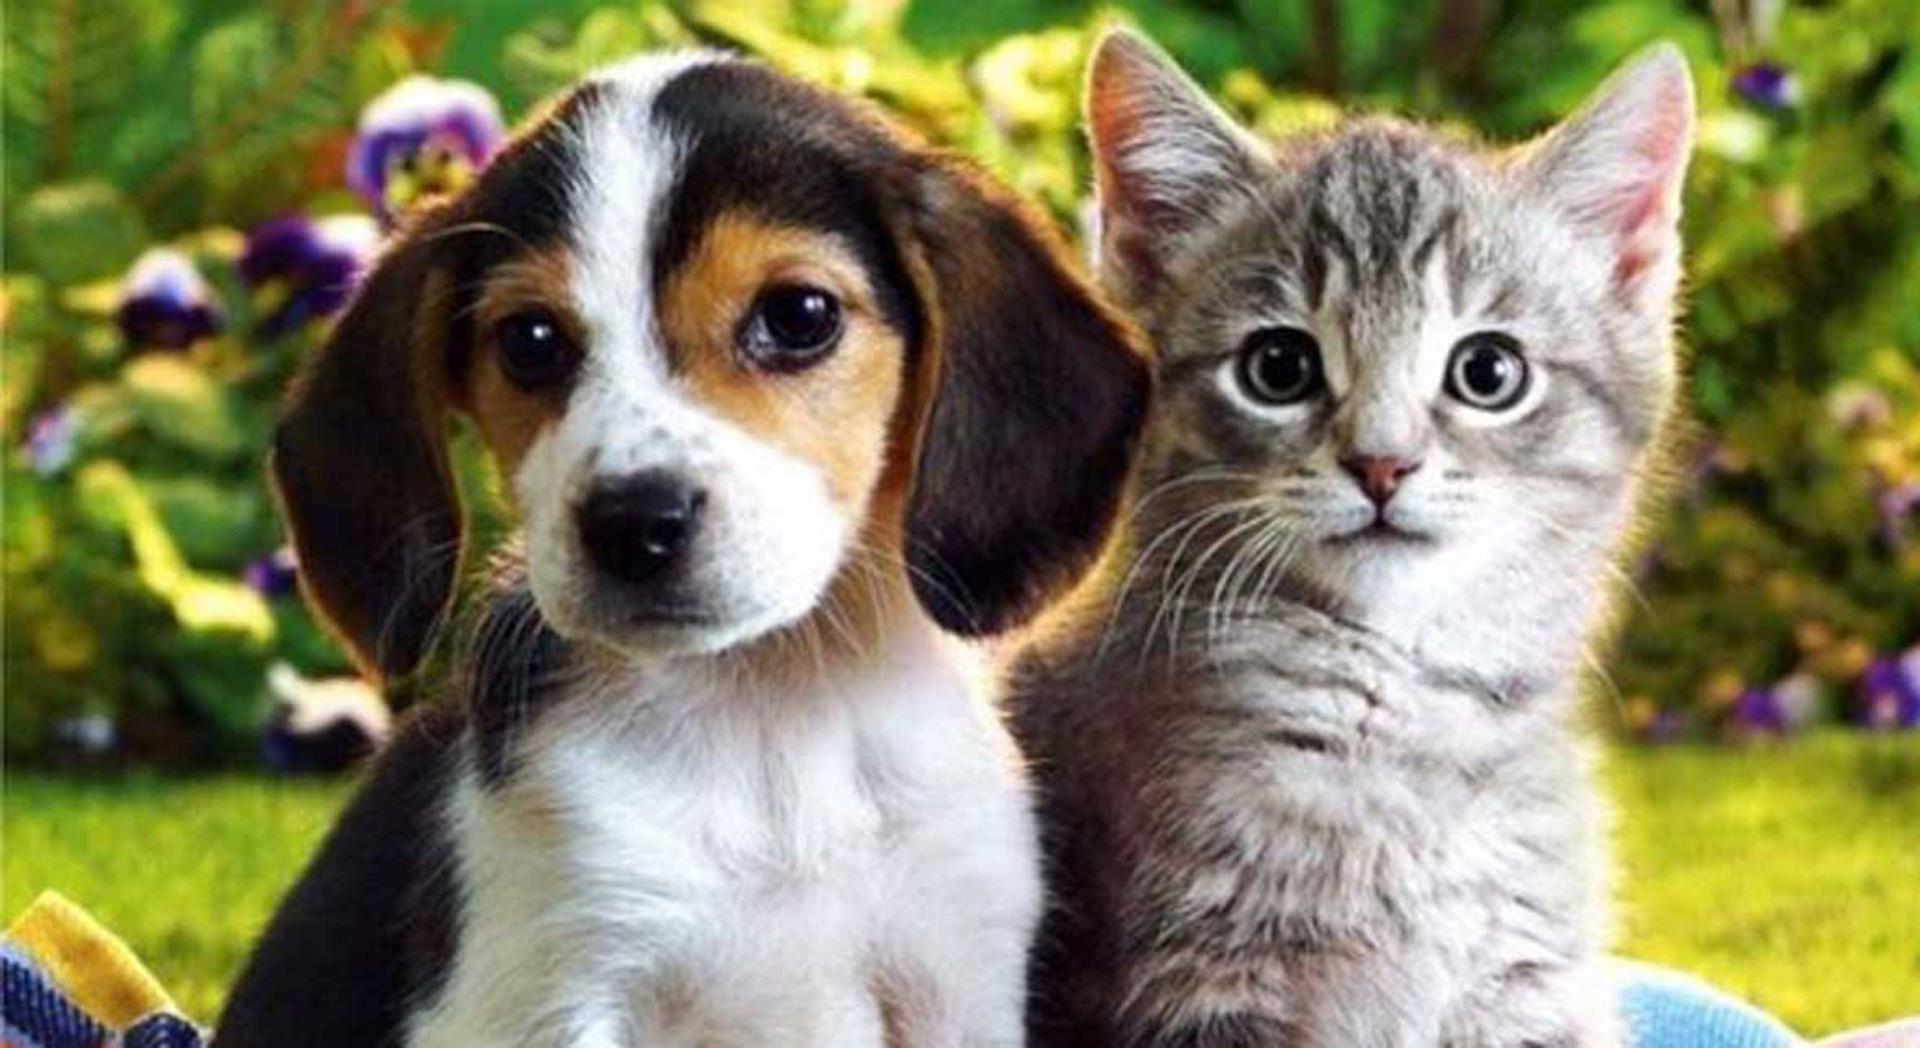 Perros vs gatos: cuál es su misión espiritual?